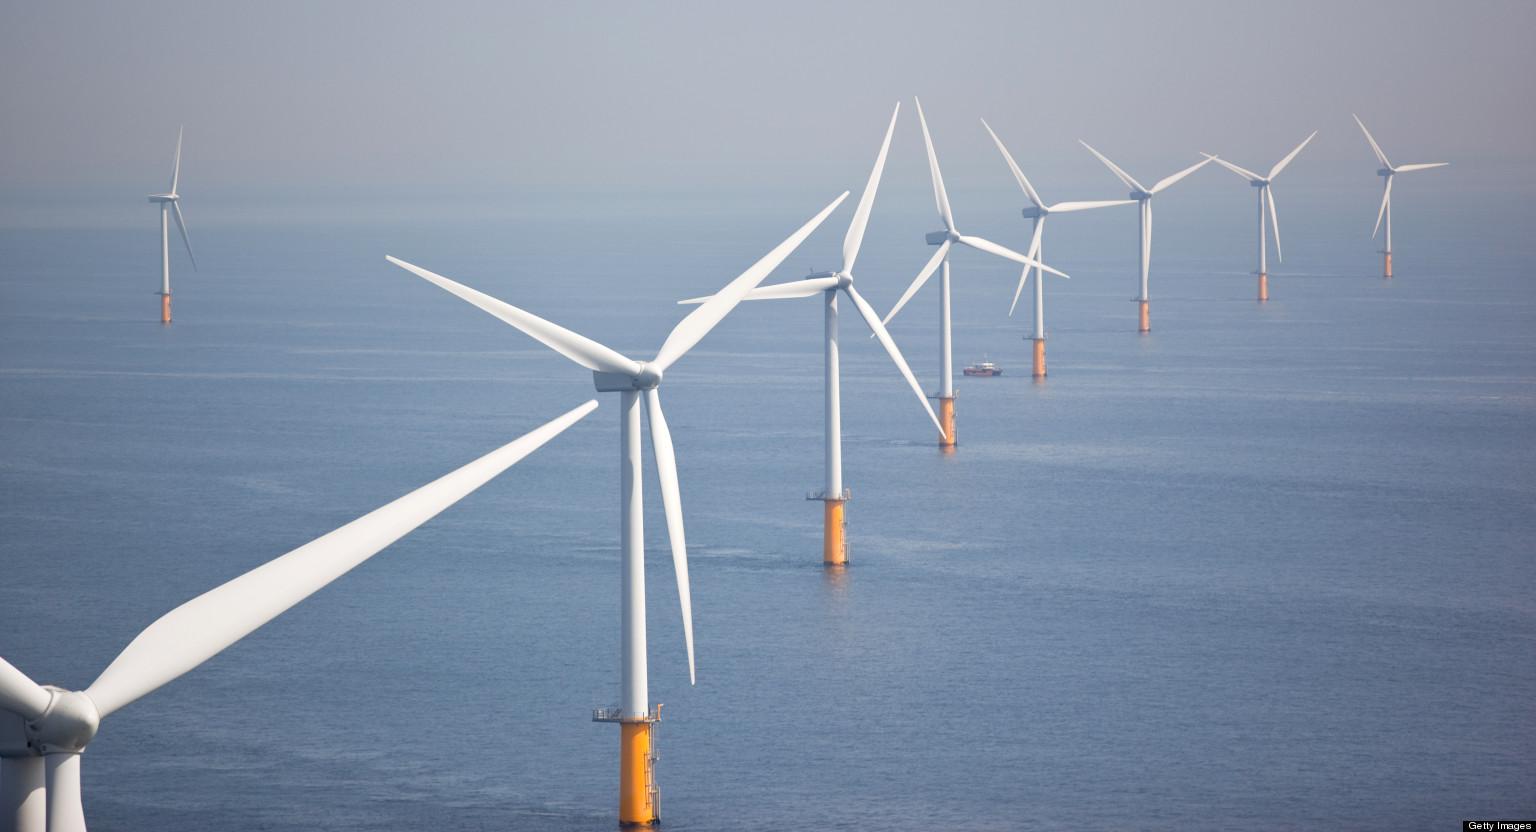 Series of wind turbines at sea